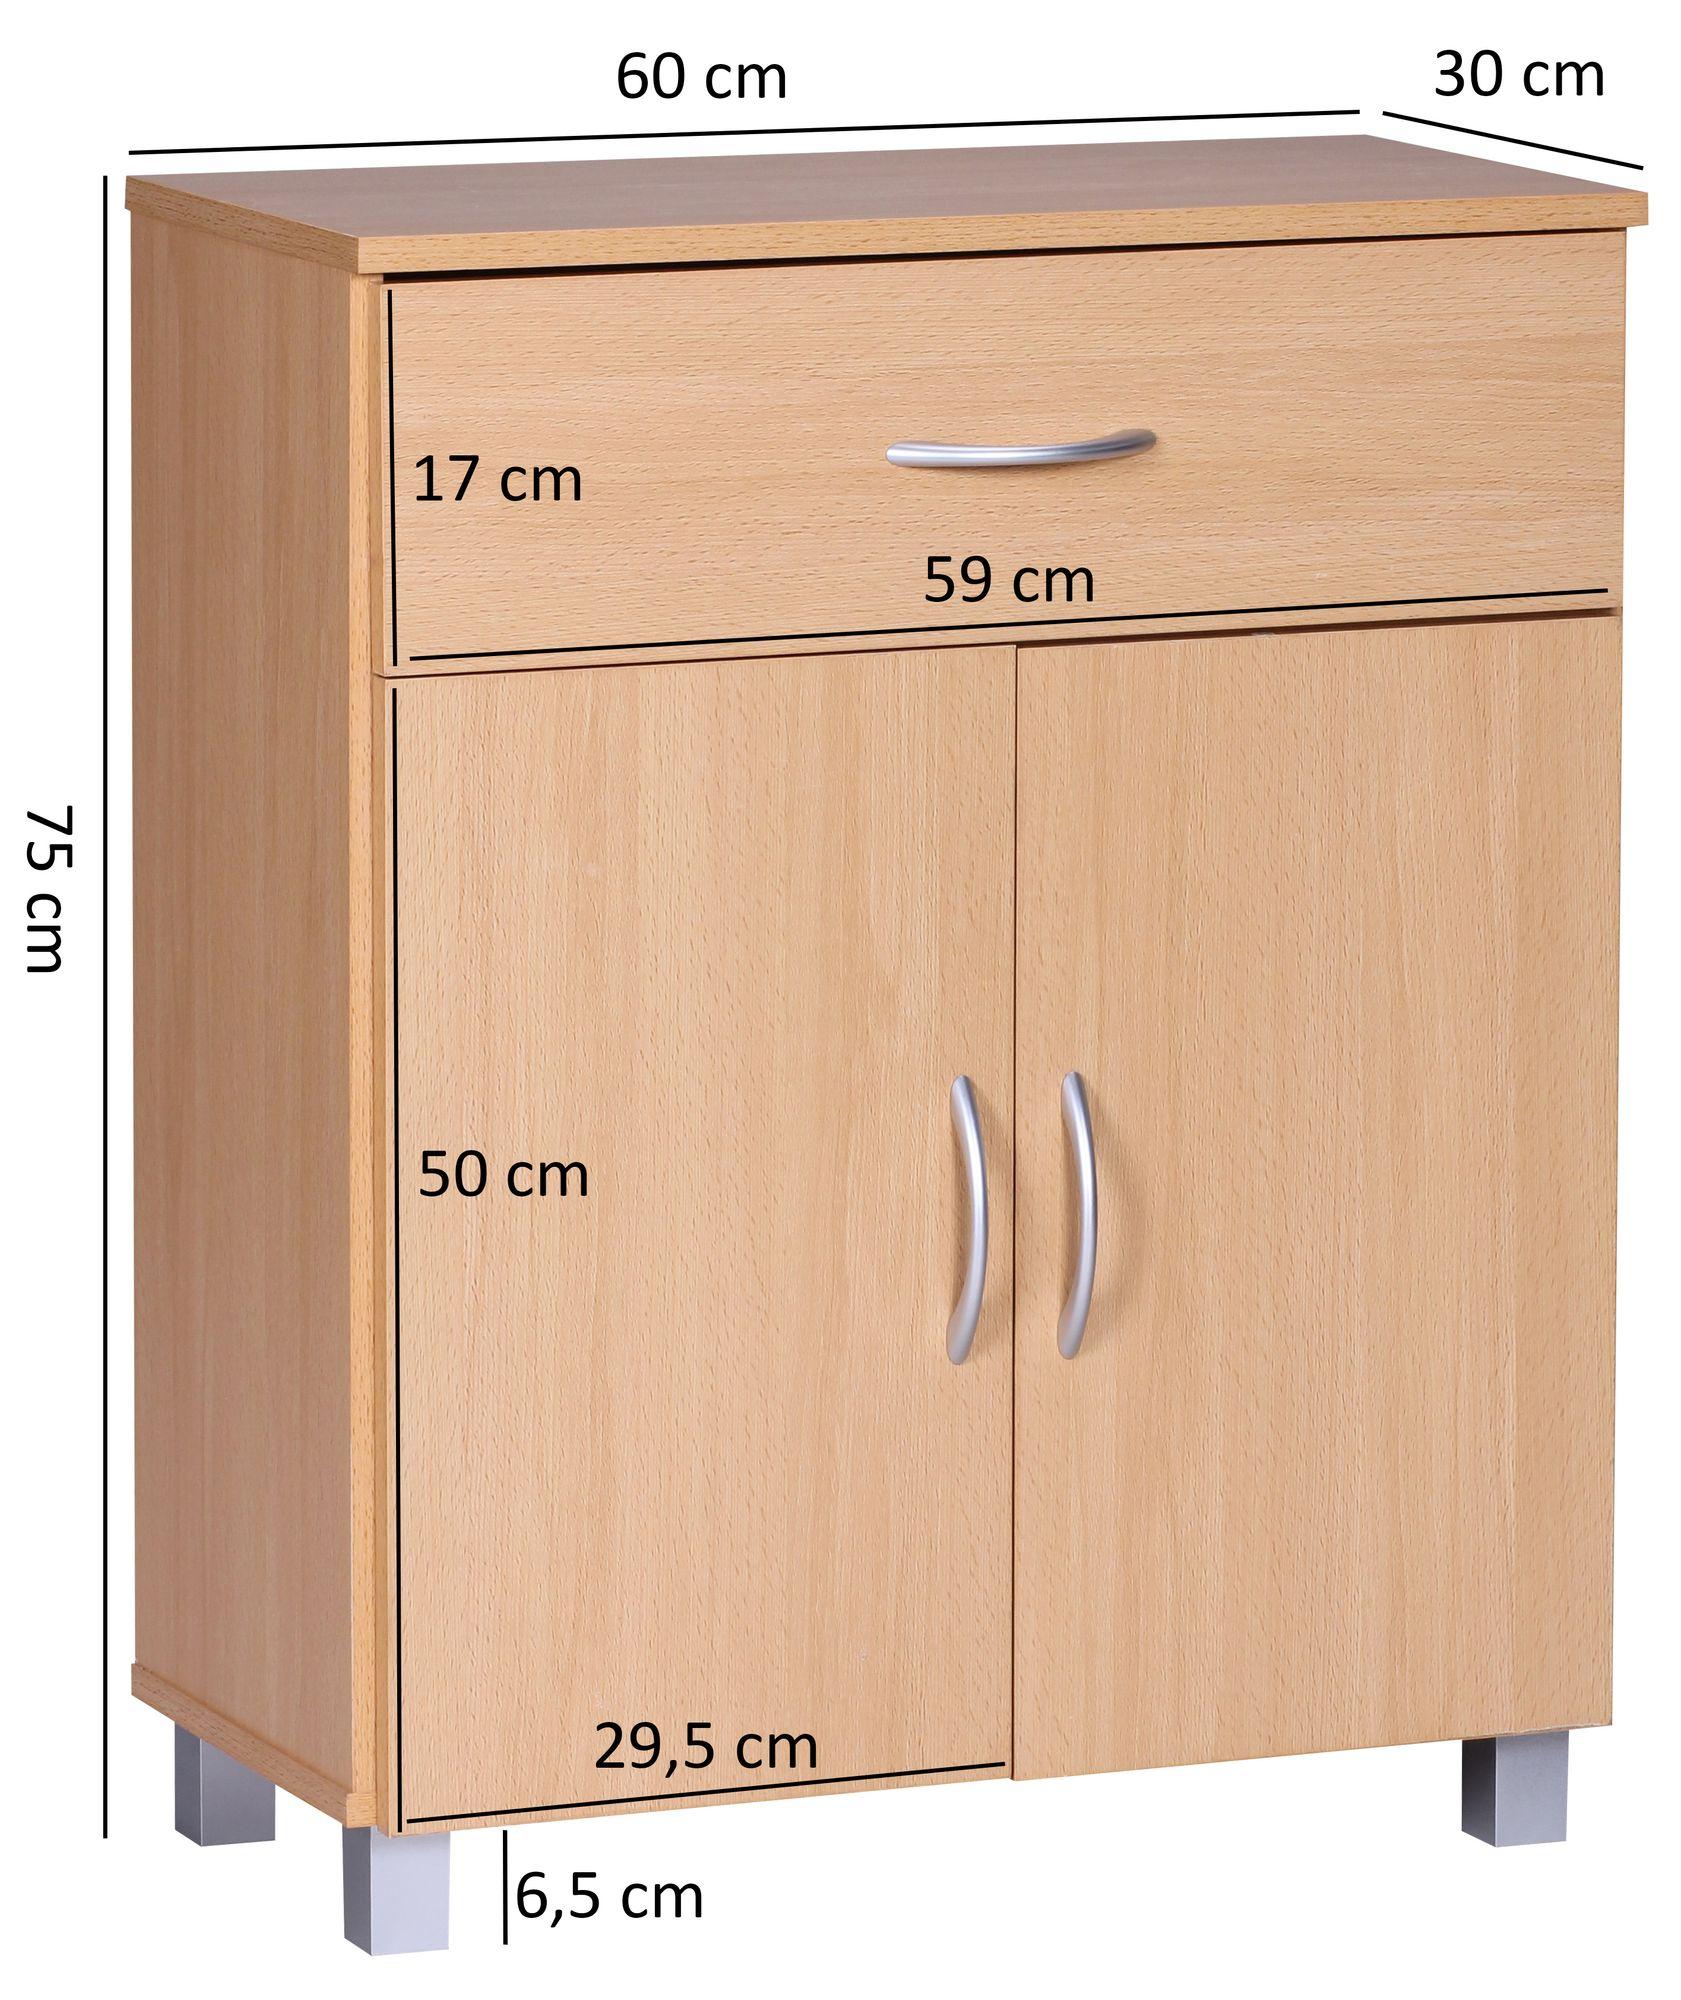 Finebuy Sideboard 60x75x30cm Moderne Kommoden Schrank Kleine Holz